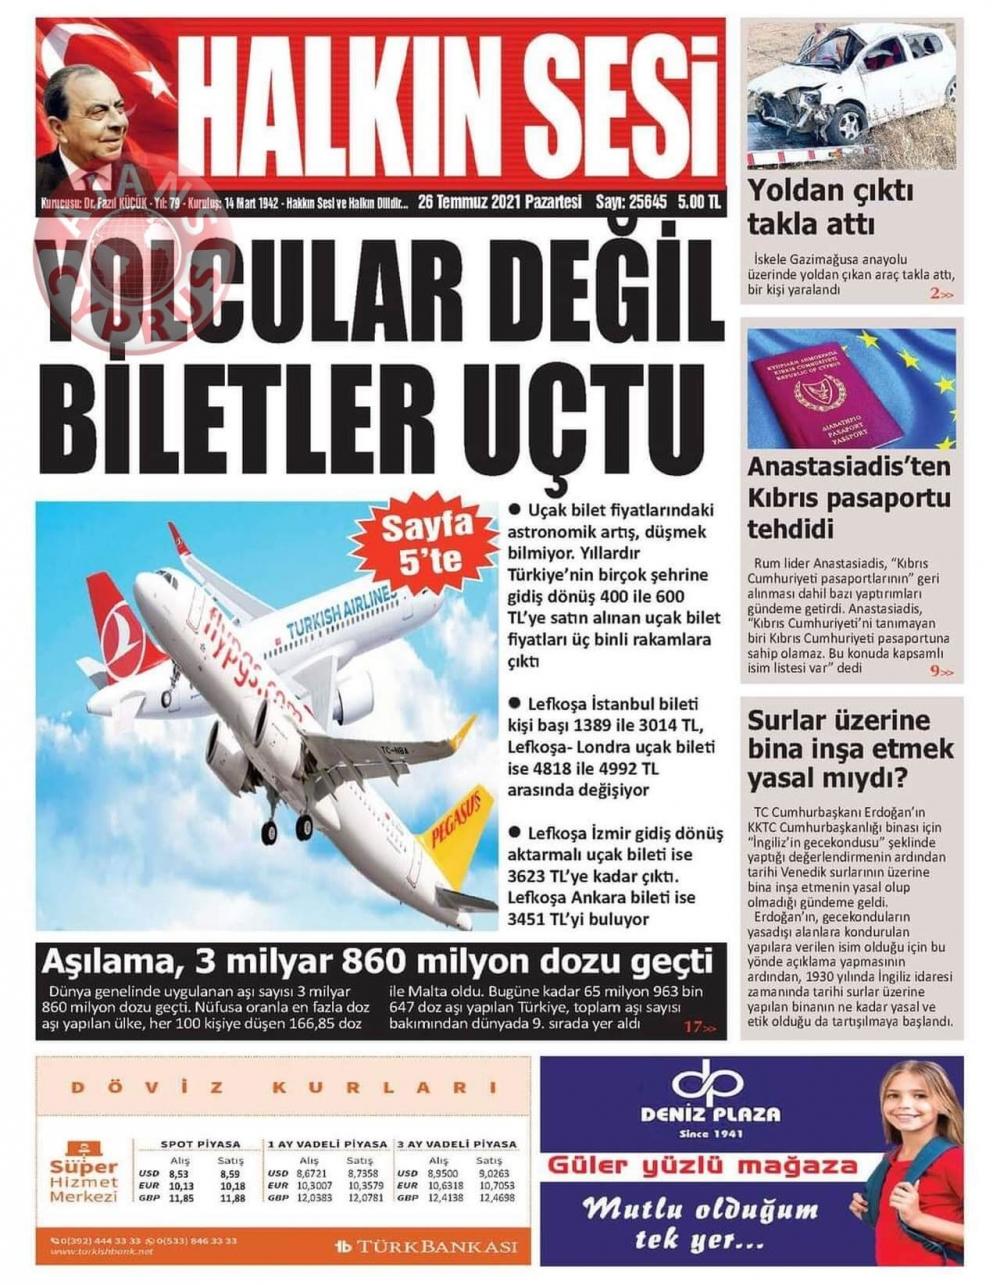 KKTC'de Gazeteler Bugün Ne Manşet Attı? (26 Temmuz 2021) galerisi resim 10